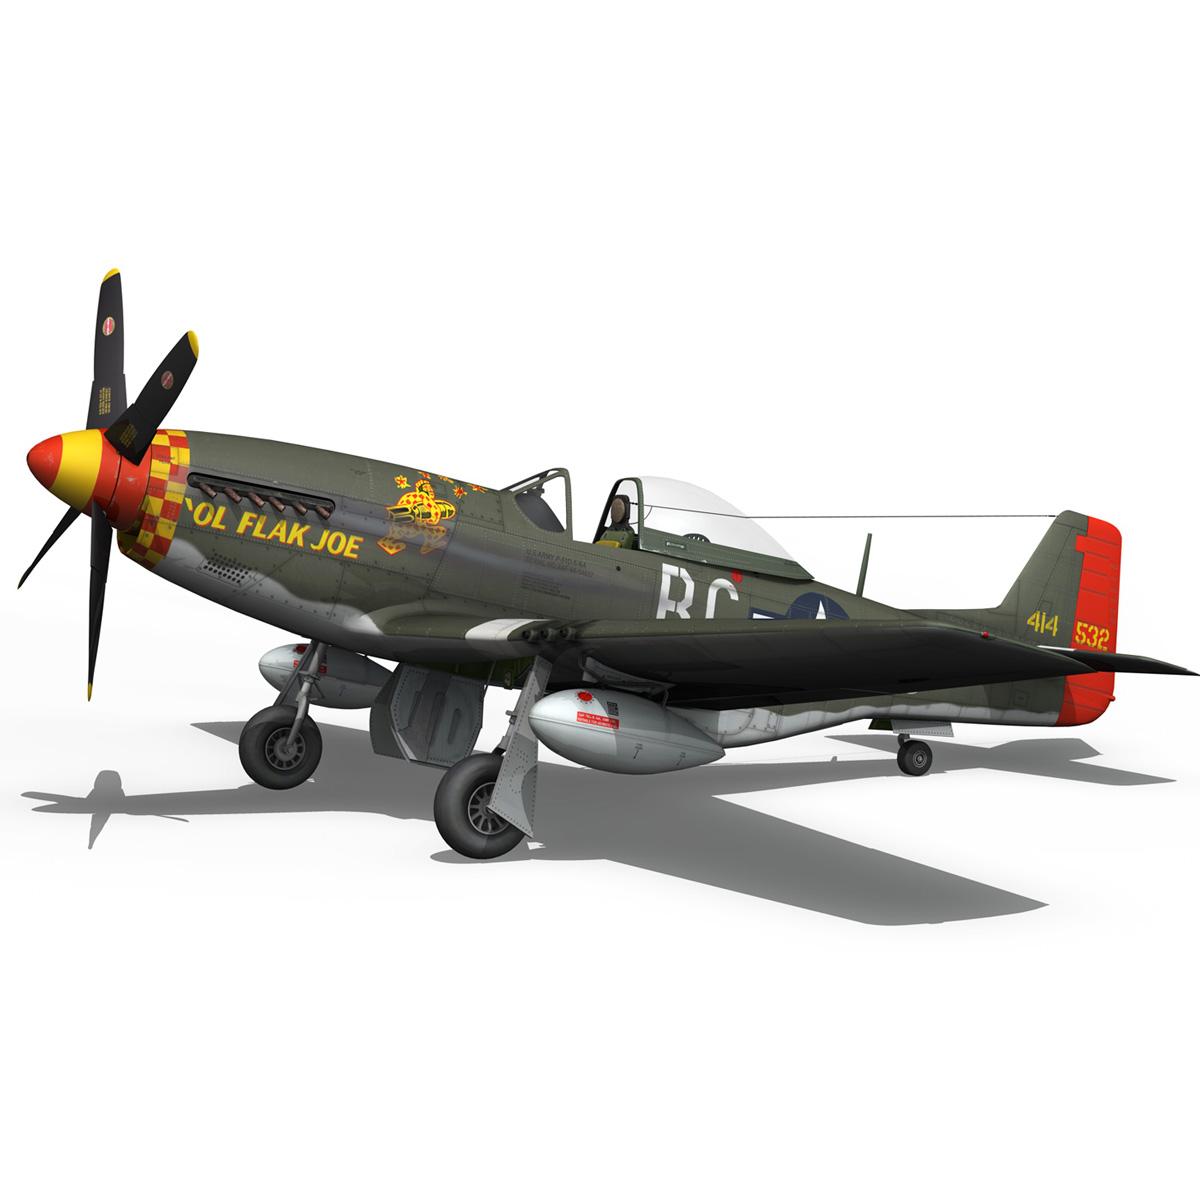 north american p-51d – ol flak joe 3d model 3ds fbx c4d lwo obj 280109